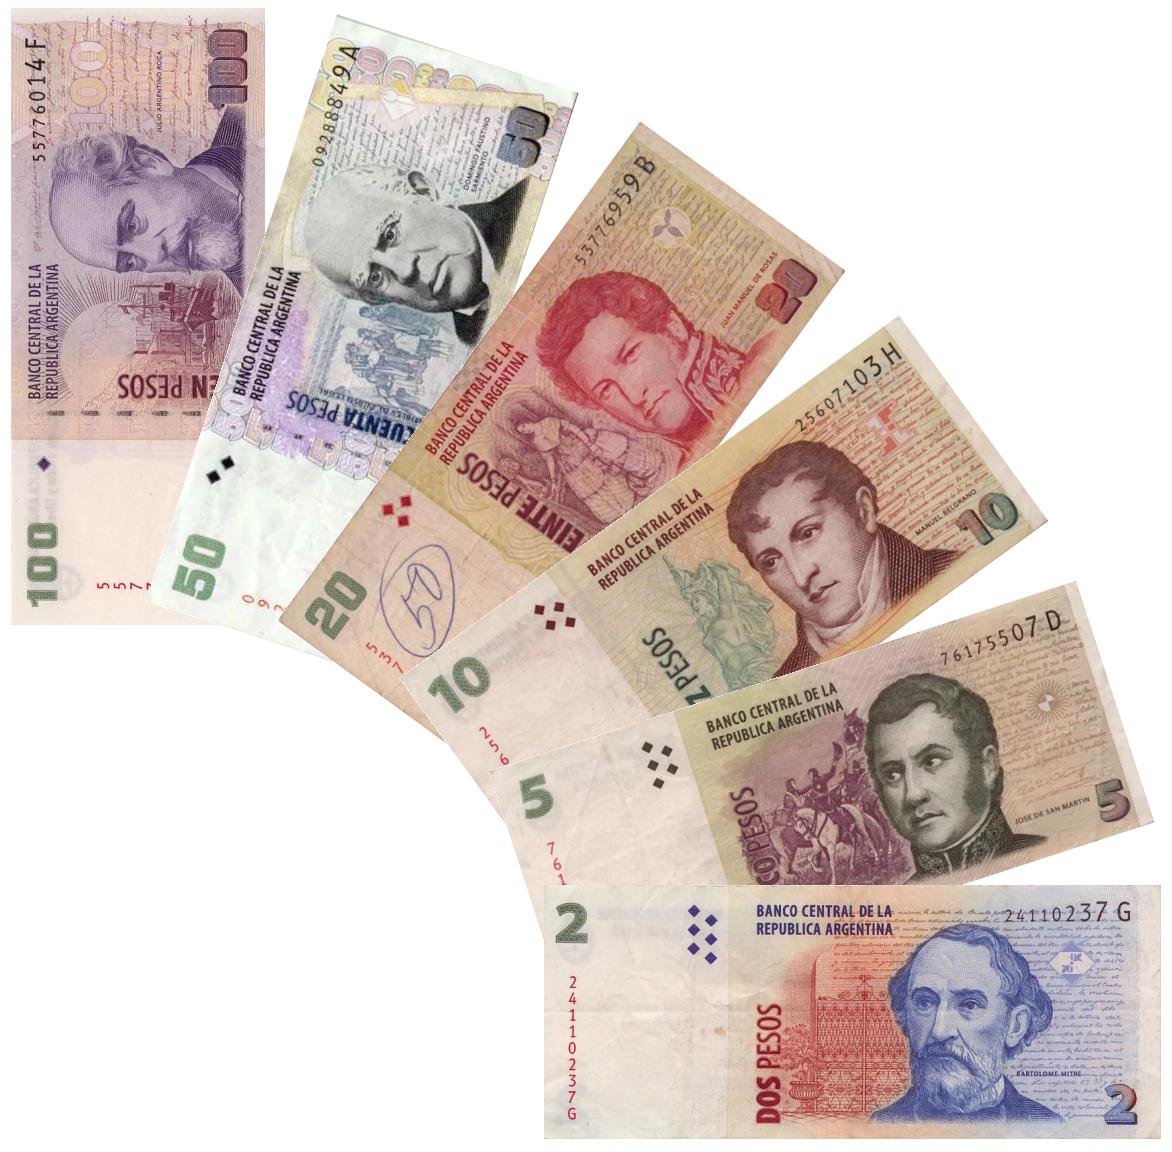 Argentine Peso Currency Wiki Fandom Powered By Wikia